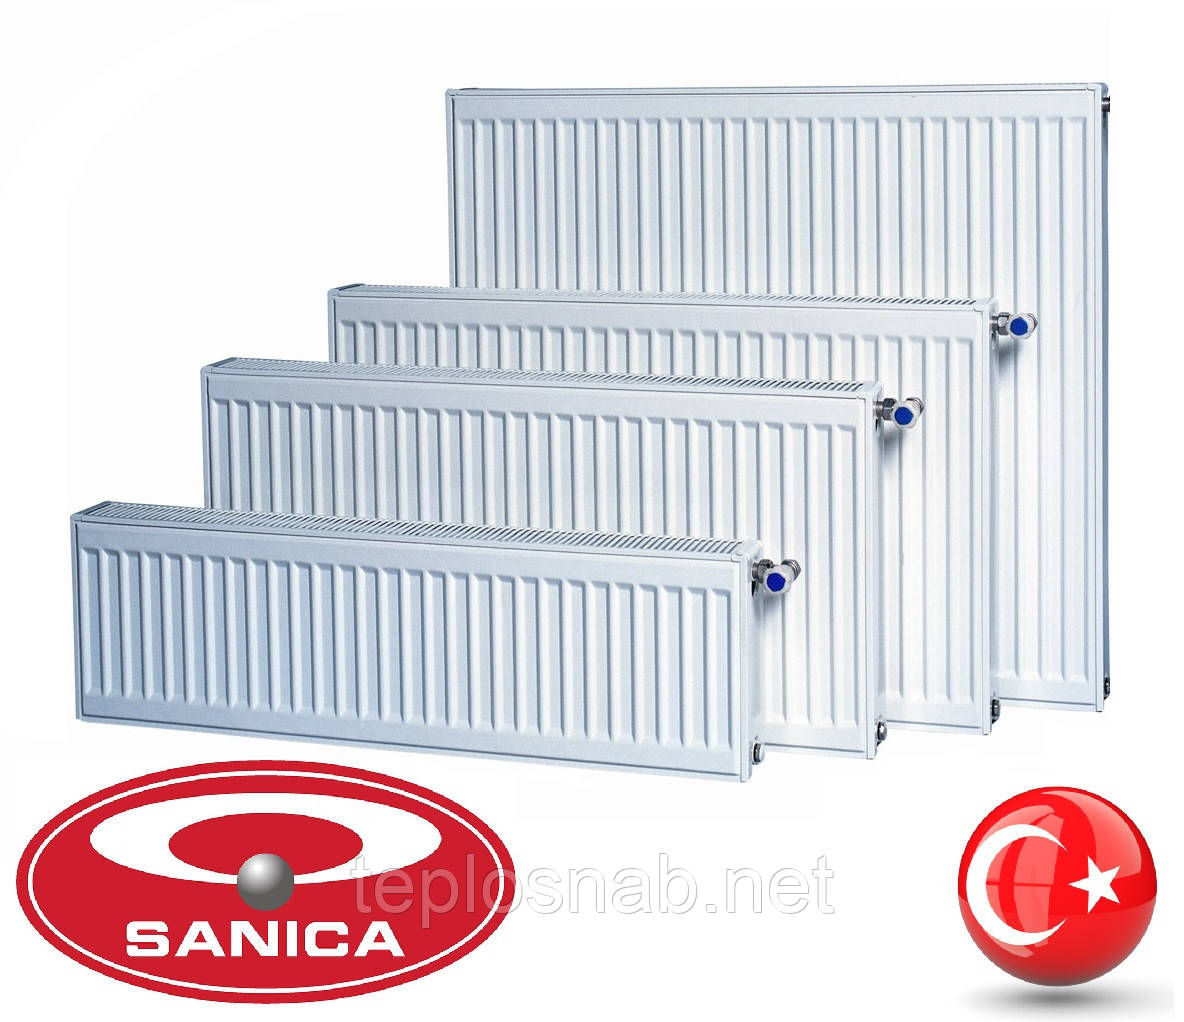 Стальной радиатор Sanica 22 тип (300 х 2600 мм) / 3300 Вт